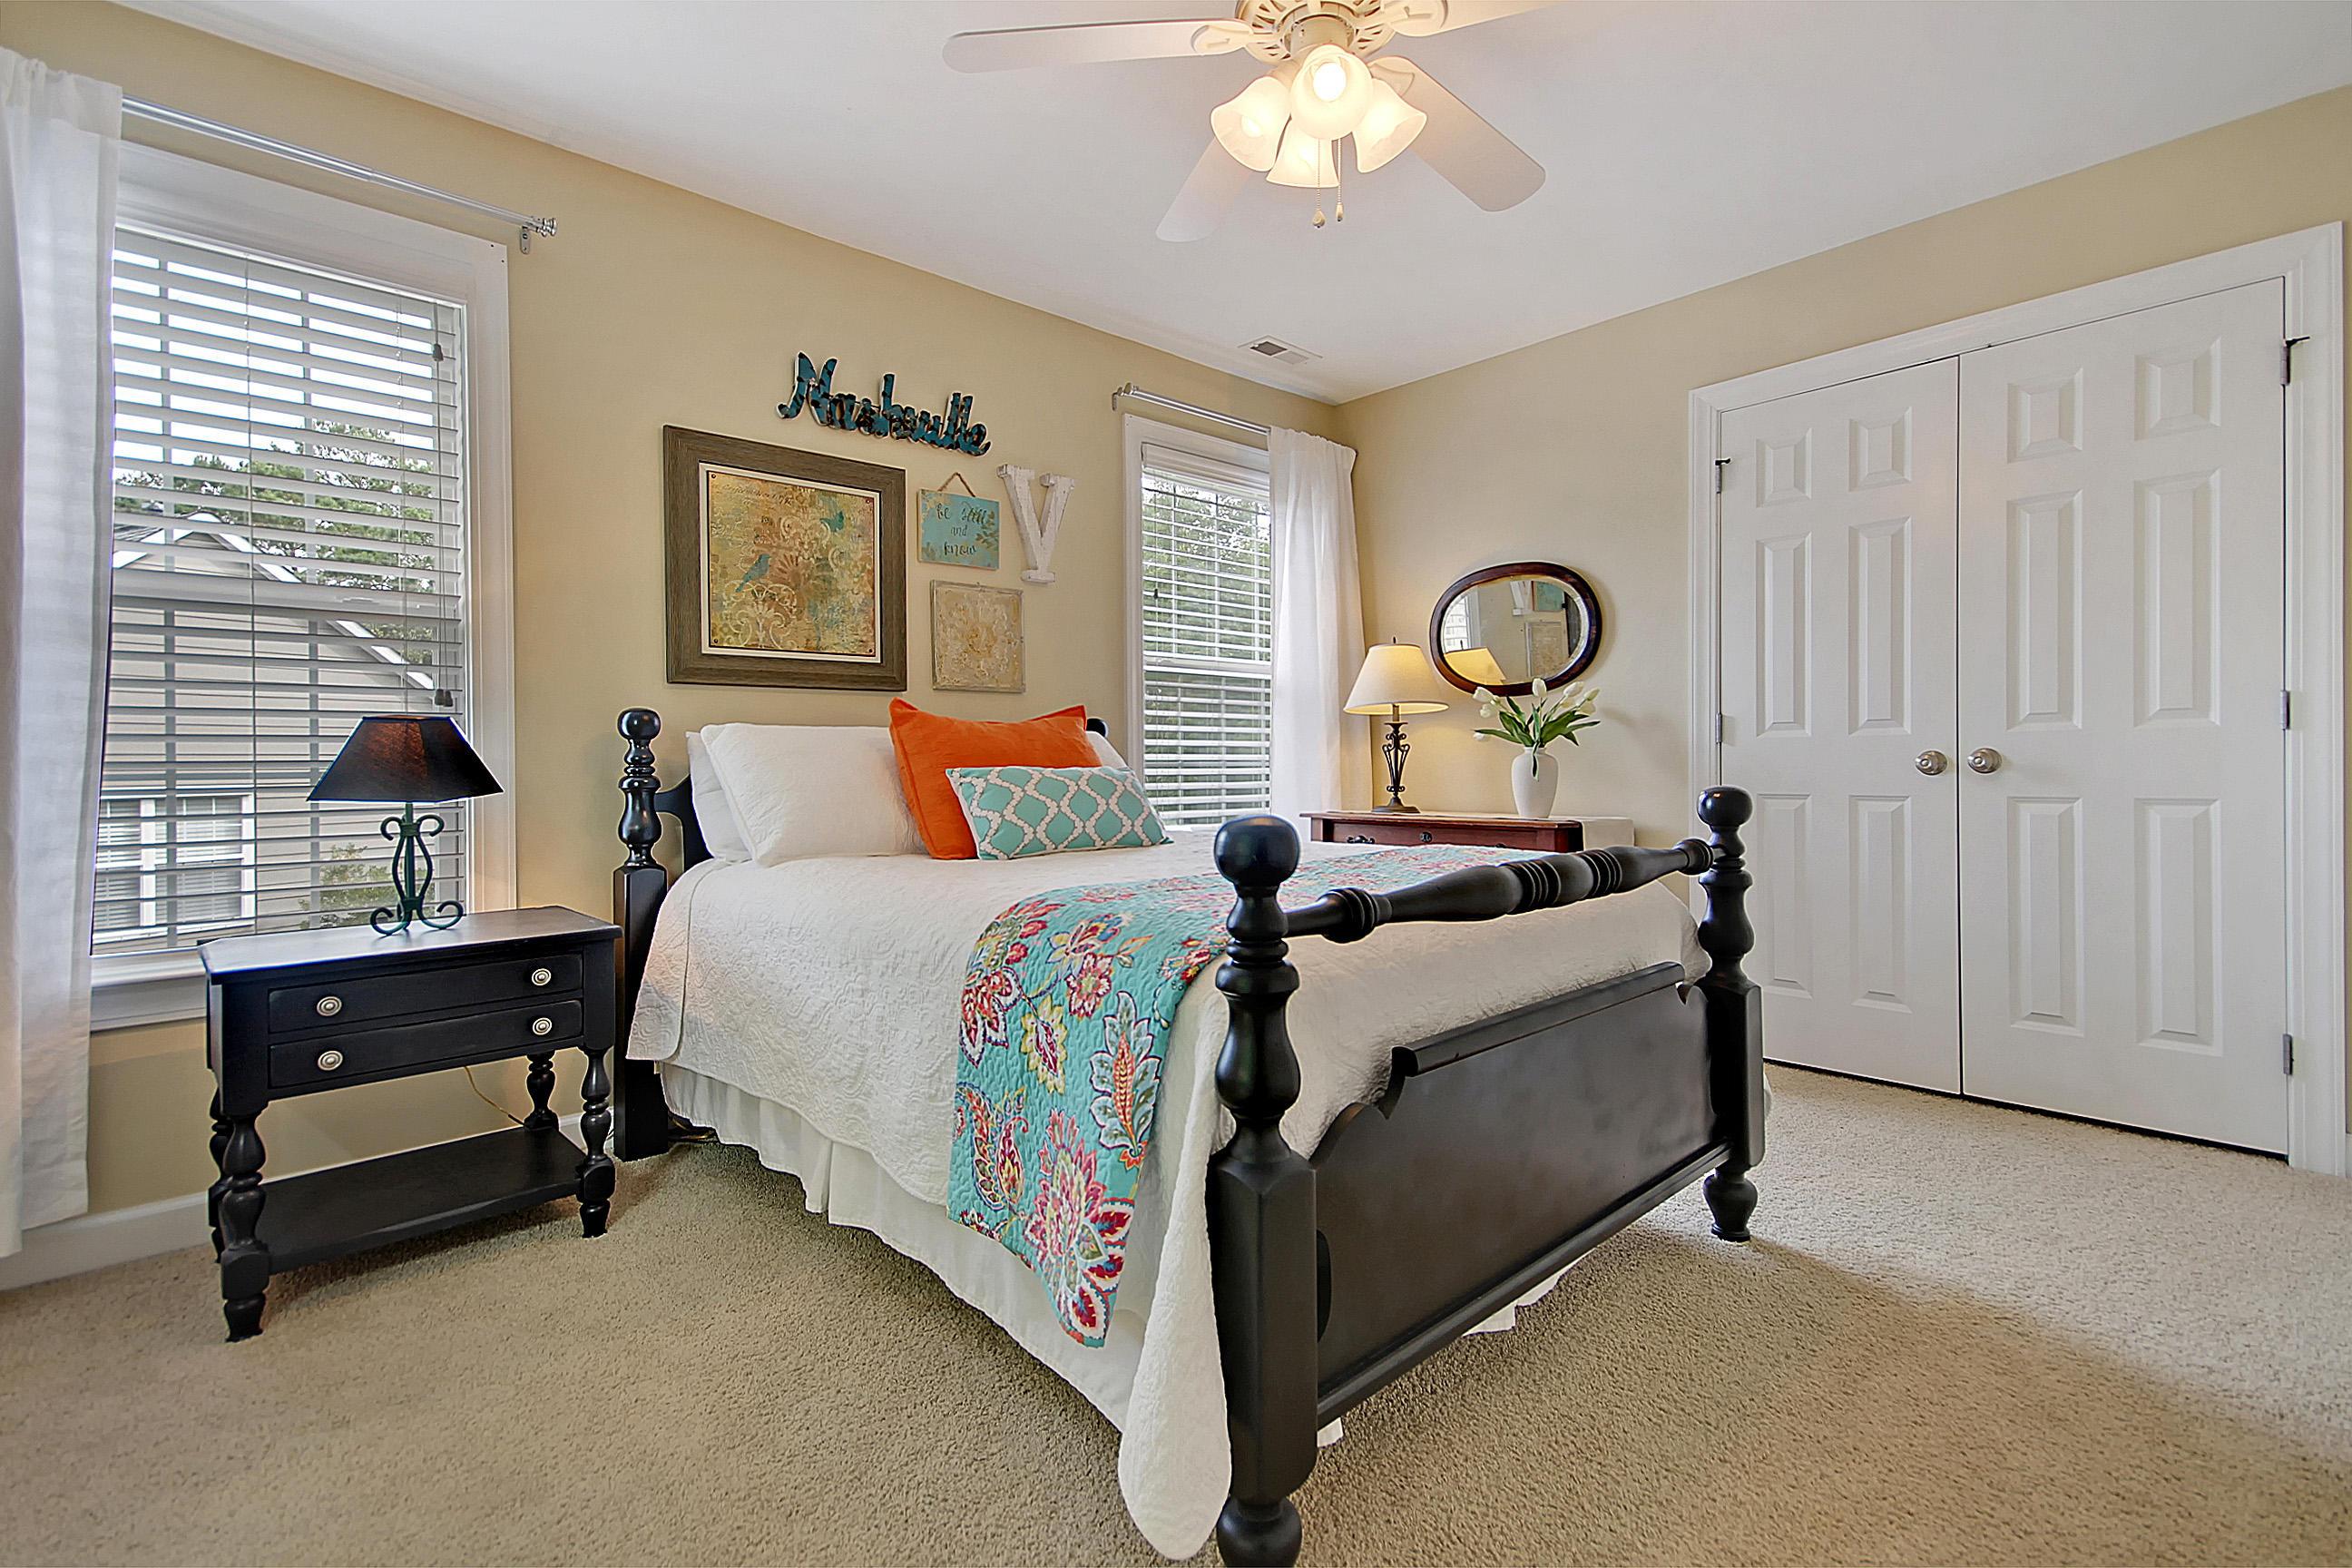 Dunes West Homes For Sale - 3056 Riverwood, Mount Pleasant, SC - 22